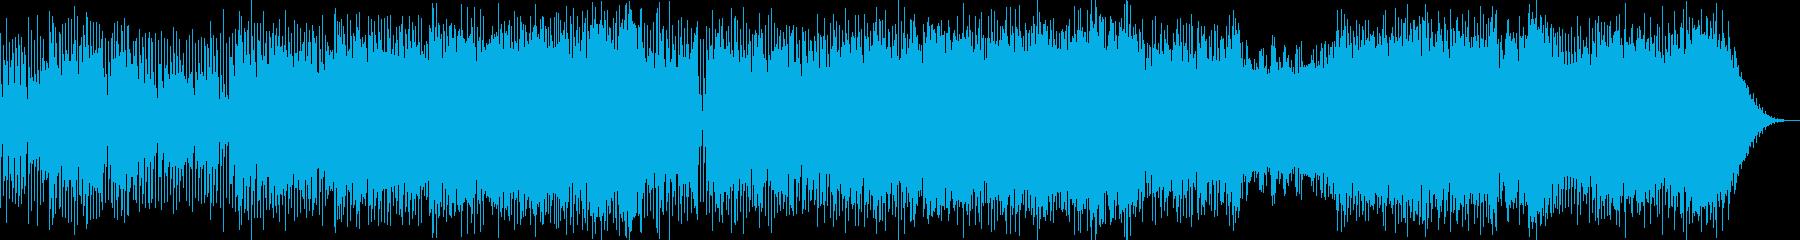 冬イメージのポップ系インストの再生済みの波形